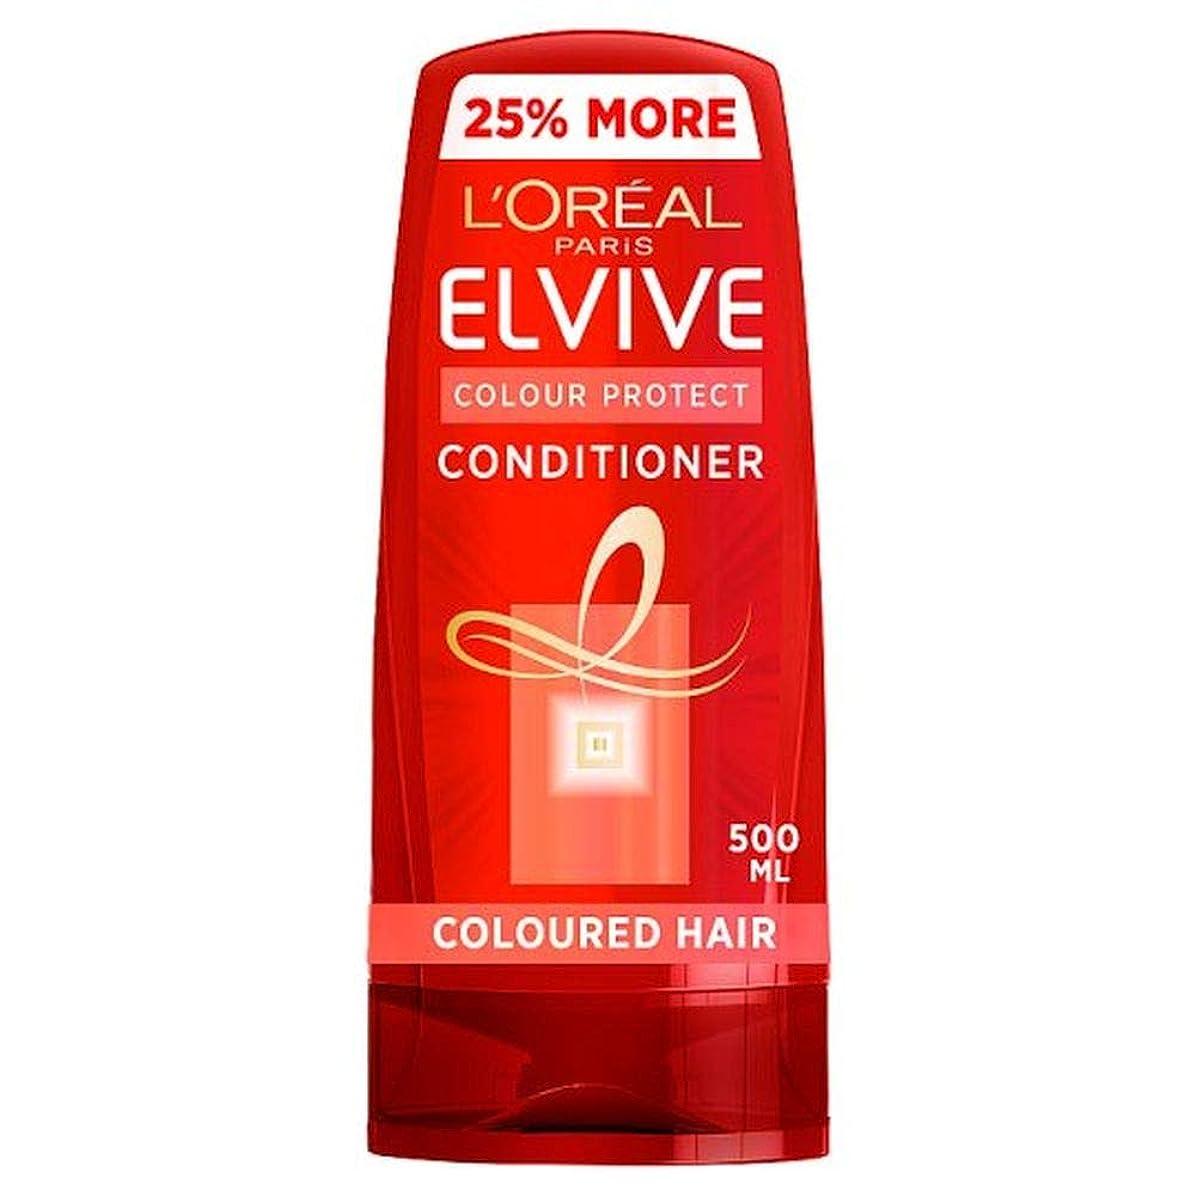 スライス十代の若者たちグラフィック[Elvive] ロレアルのElviveの色は、着色ヘアコンディショナー500ミリリットルを保護します - L'oreal Elvive Colour Protect Coloured Hair Conditioner 500Ml [並行輸入品]